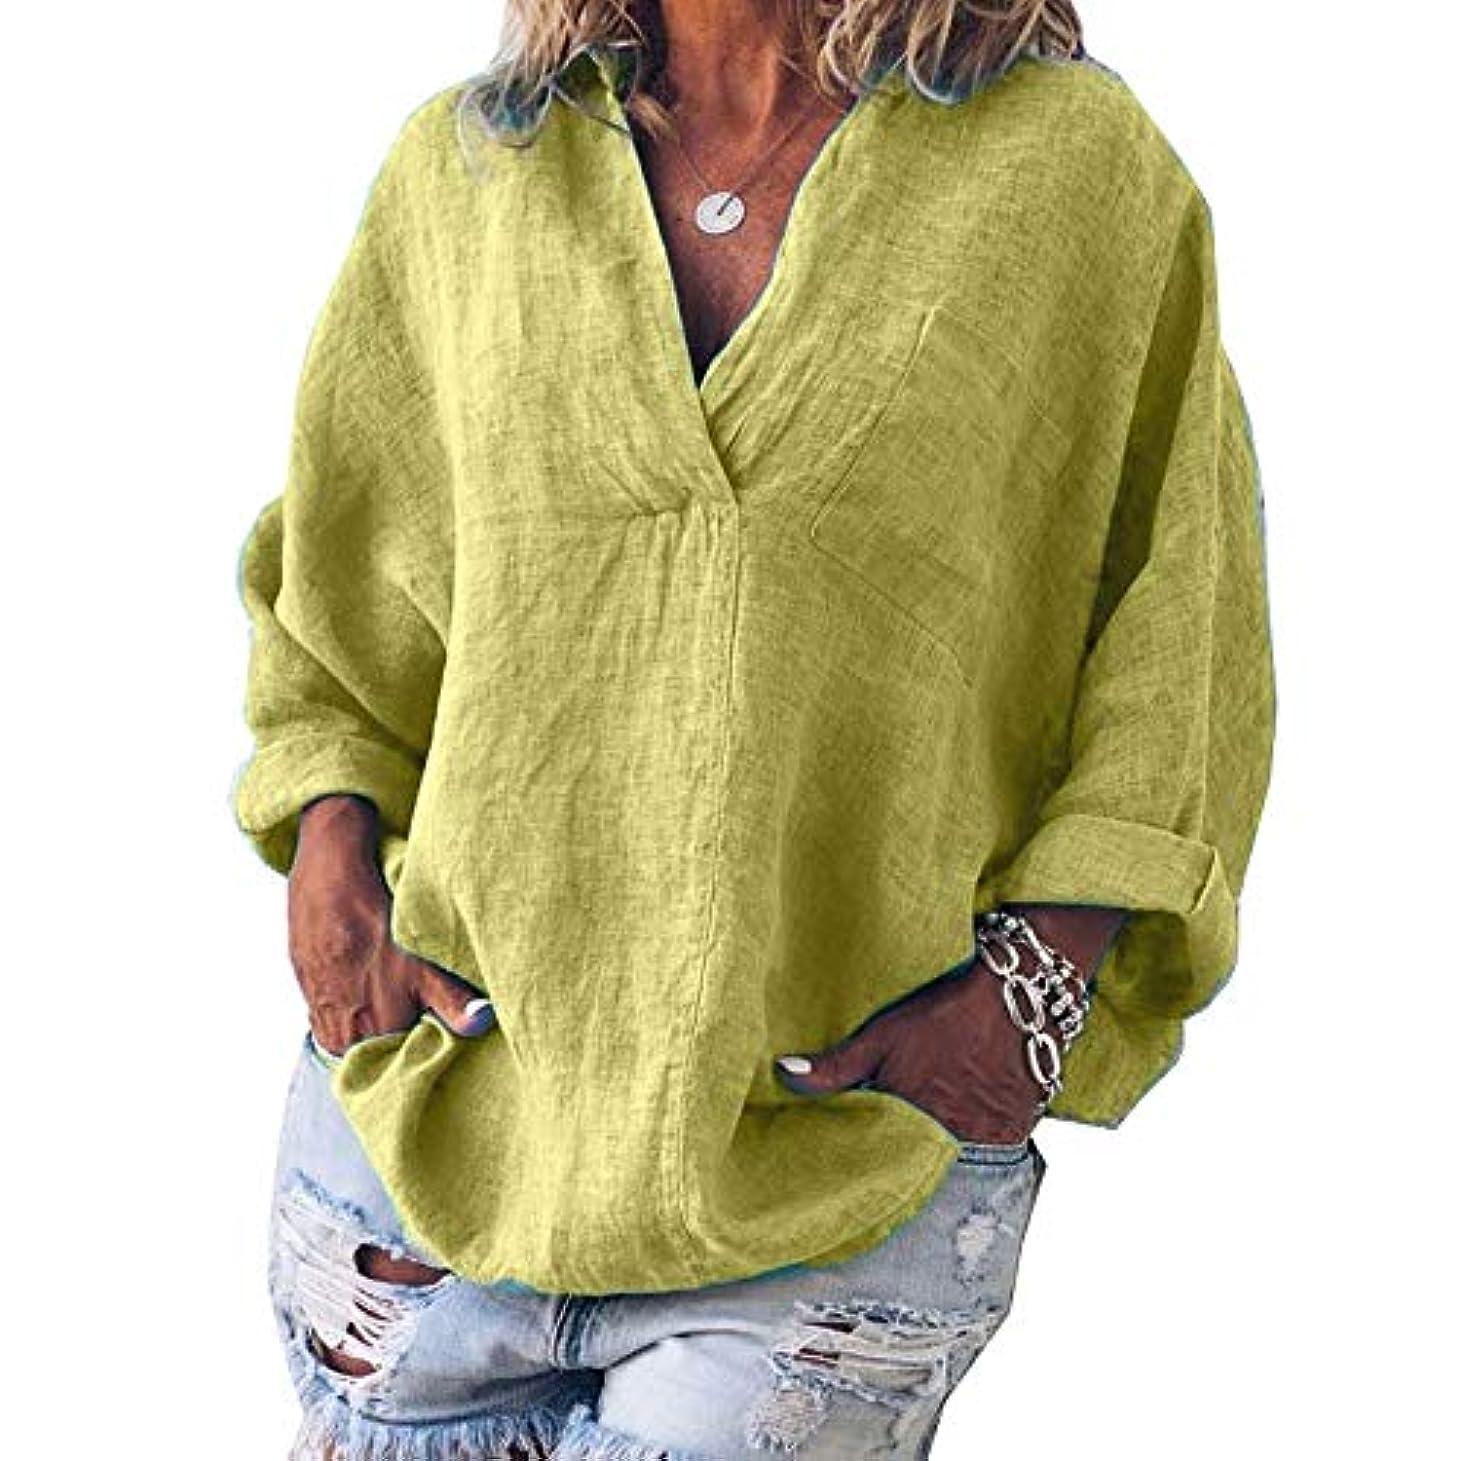 雇用者資産粘液MIFAN女性ファッション春夏チュニックトップス深いVネックTシャツ長袖プルオーバールーズリネンブラウス